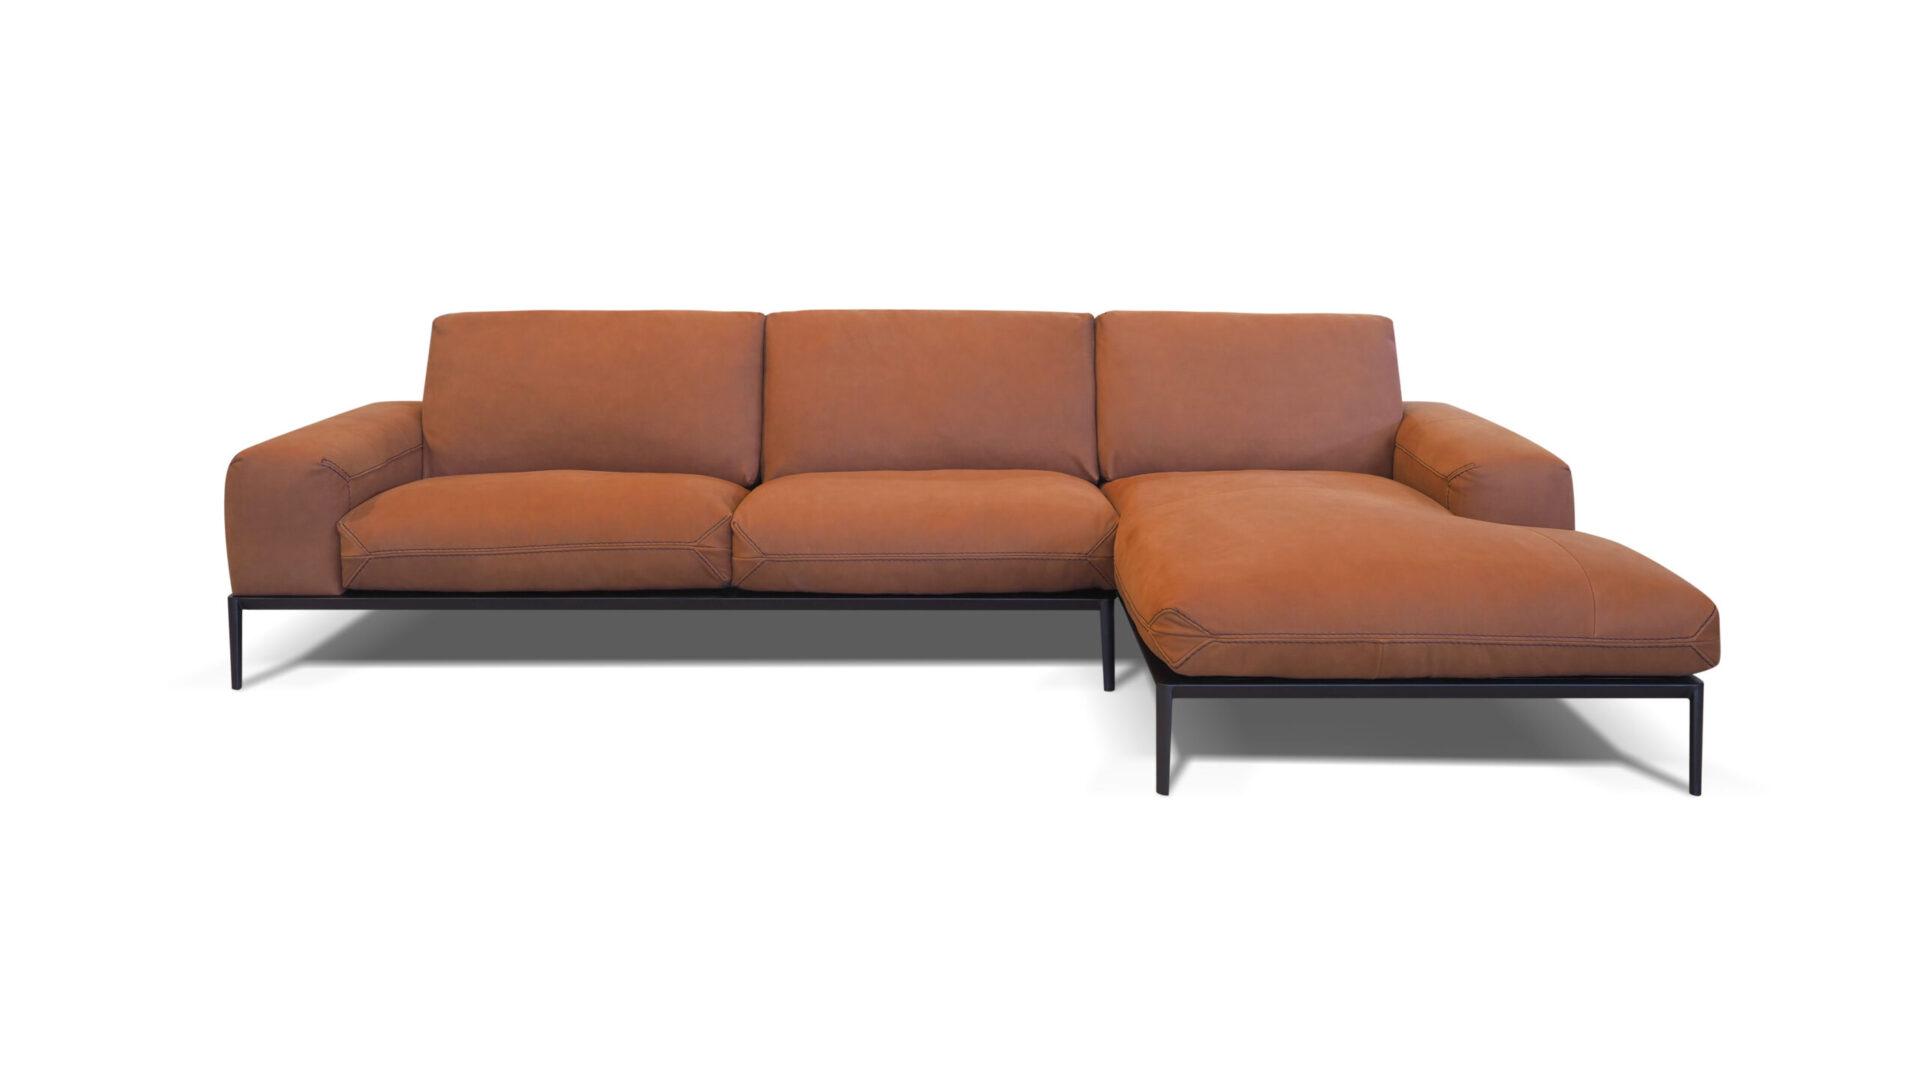 Chic sofa chaise